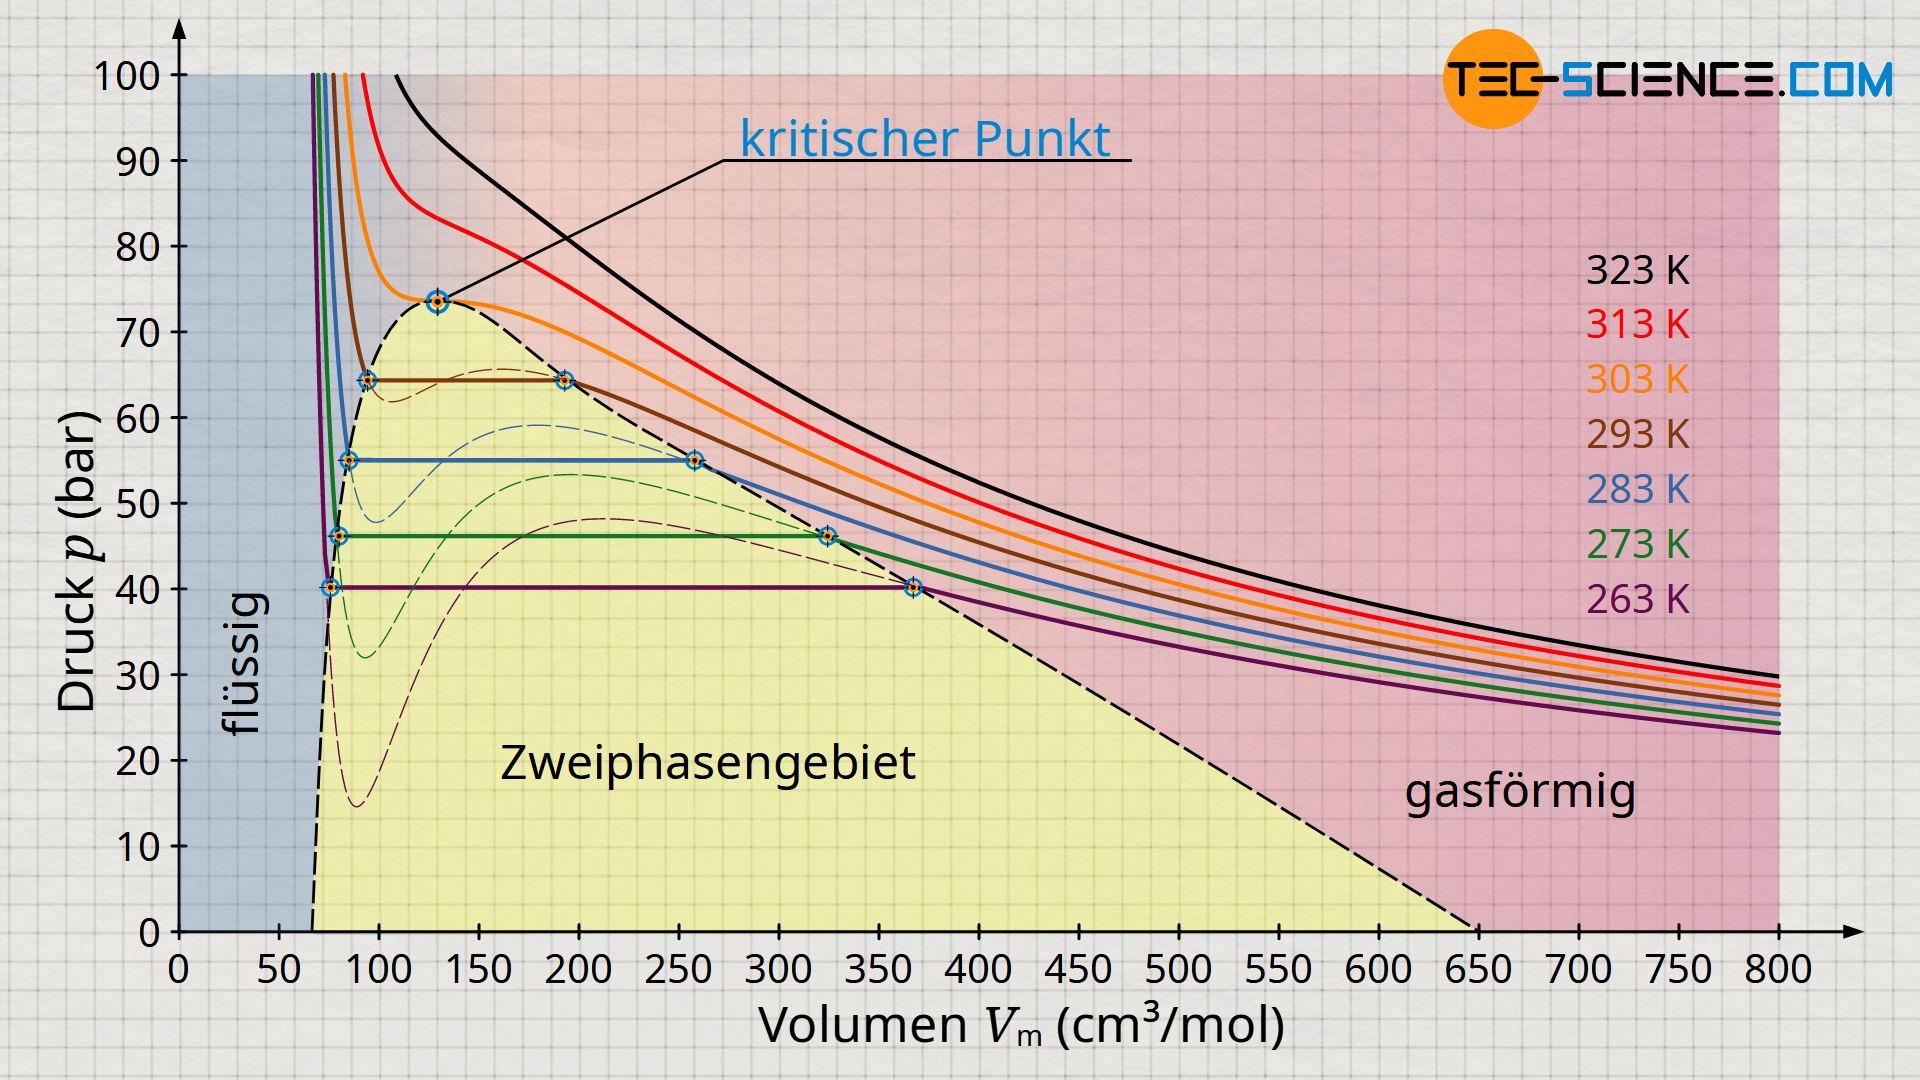 Phasendiagramm zur Beschreibung Verflüssigung eines realen Gases am Beispiel von Kohlendioxid